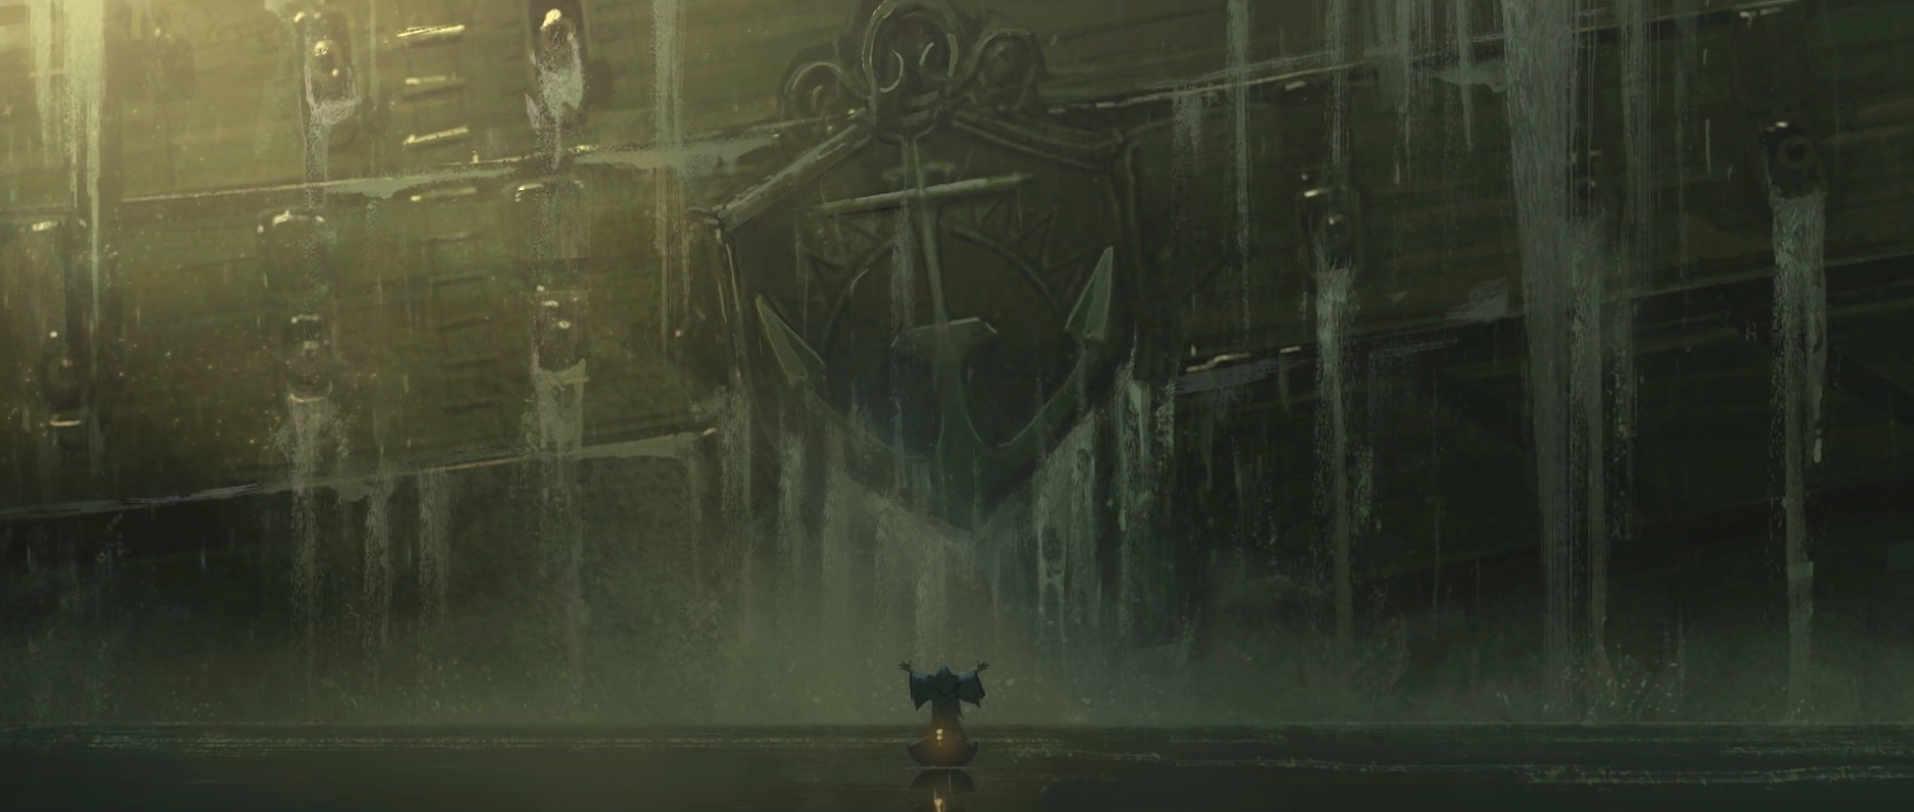 麦德三世讲魔兽:船锚项链及动画展现的意象